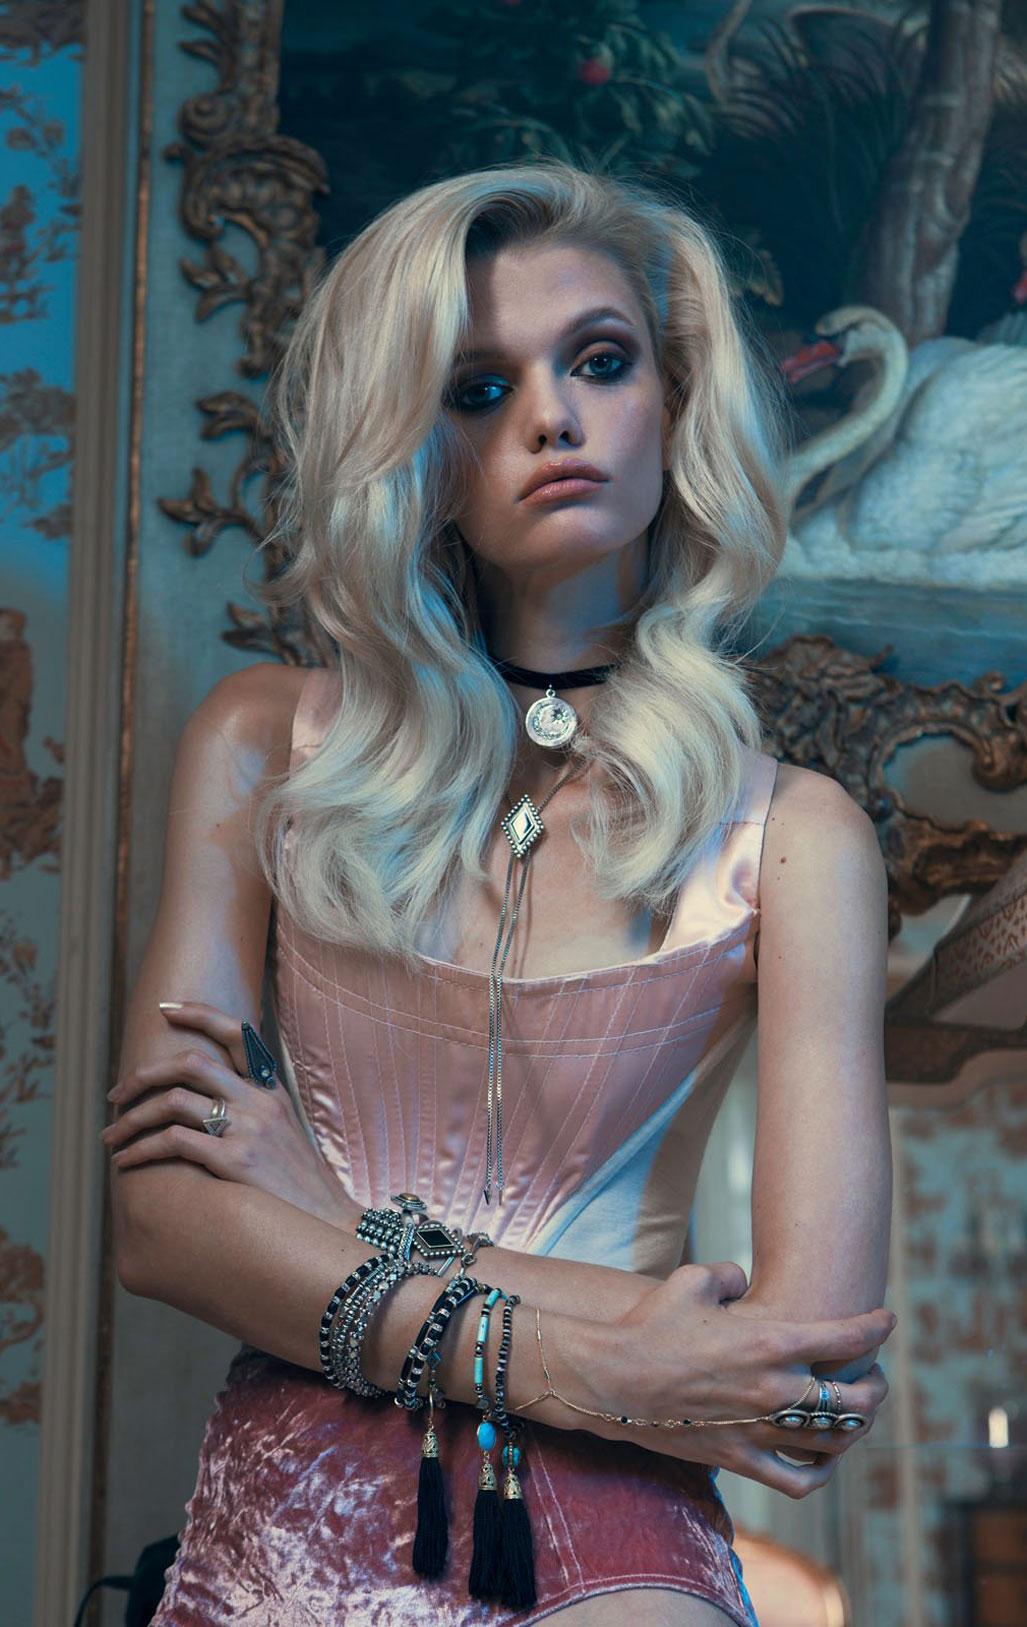 Дженнифер Пью в модной одежде бренда Vanessa Mooney / фото 07